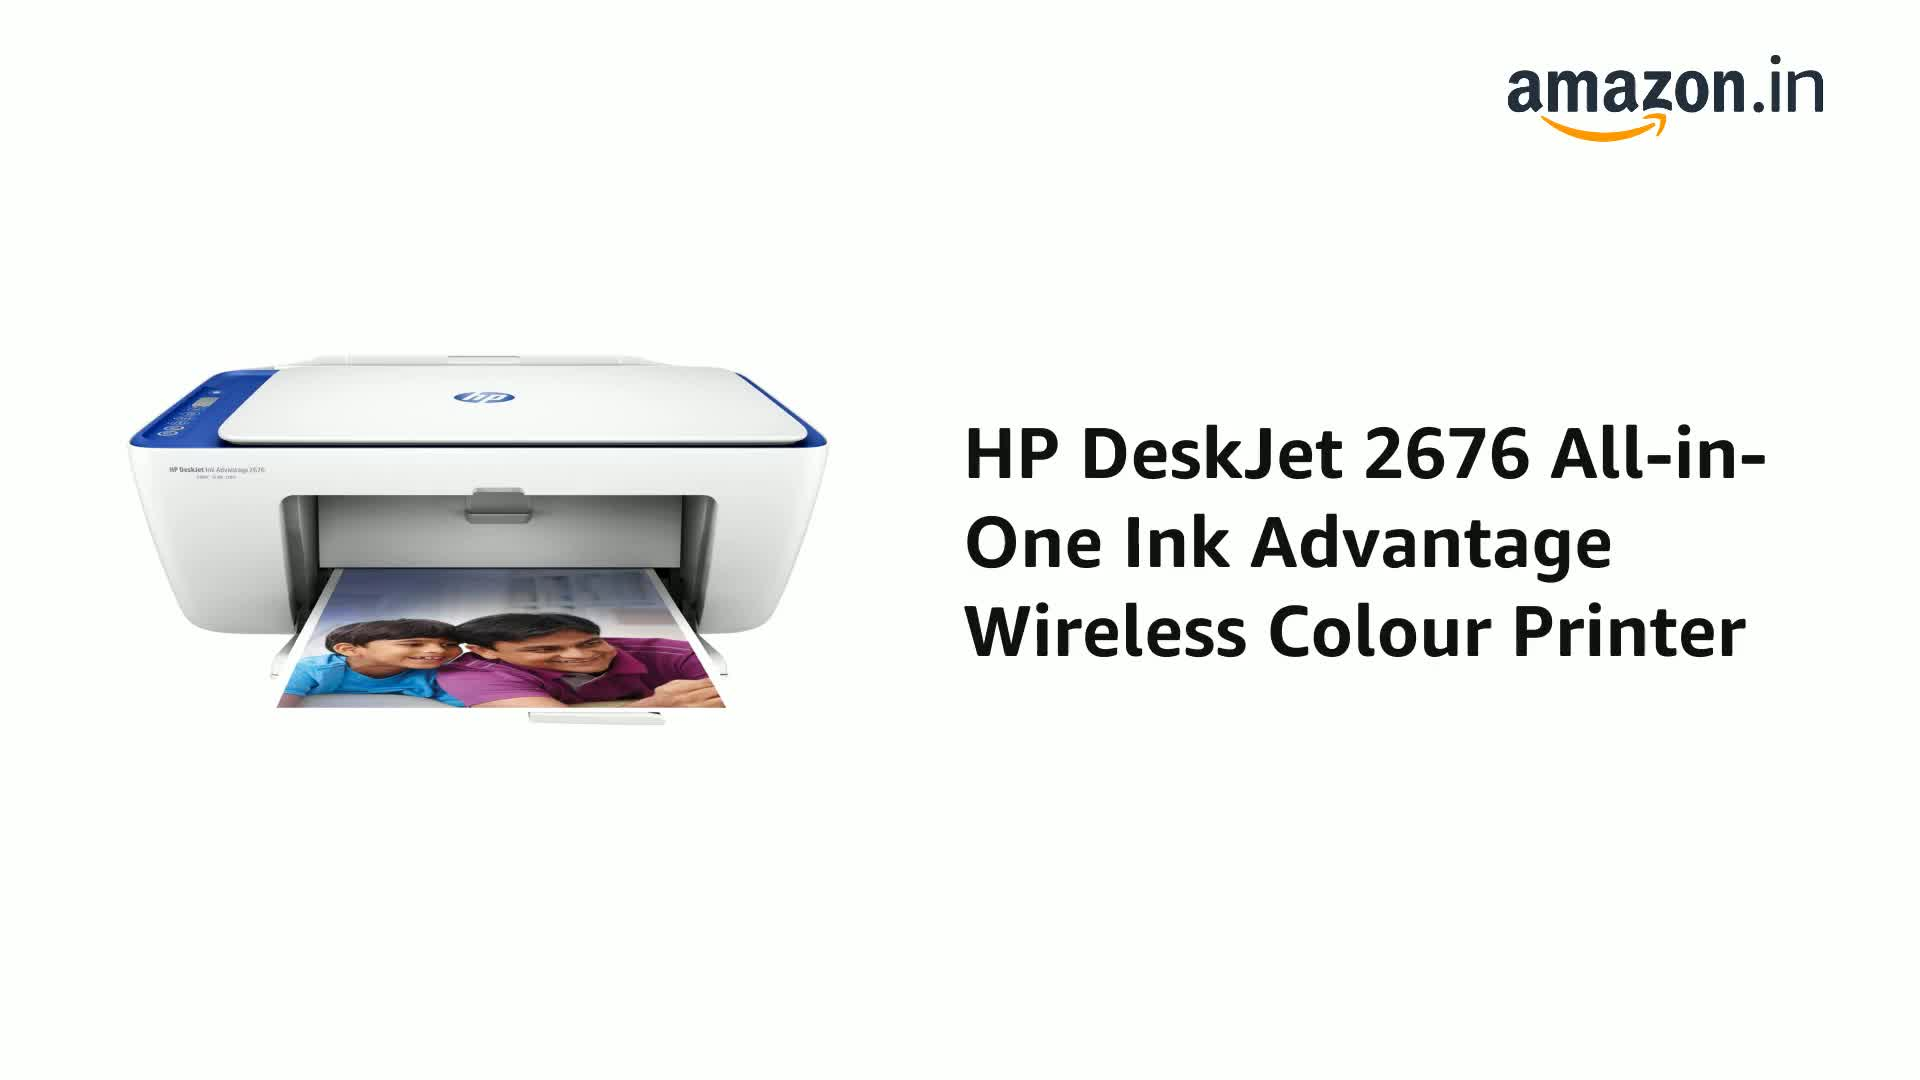 HP DeskJet 2676 All-in-One Ink Advantage Wireless Colour ...